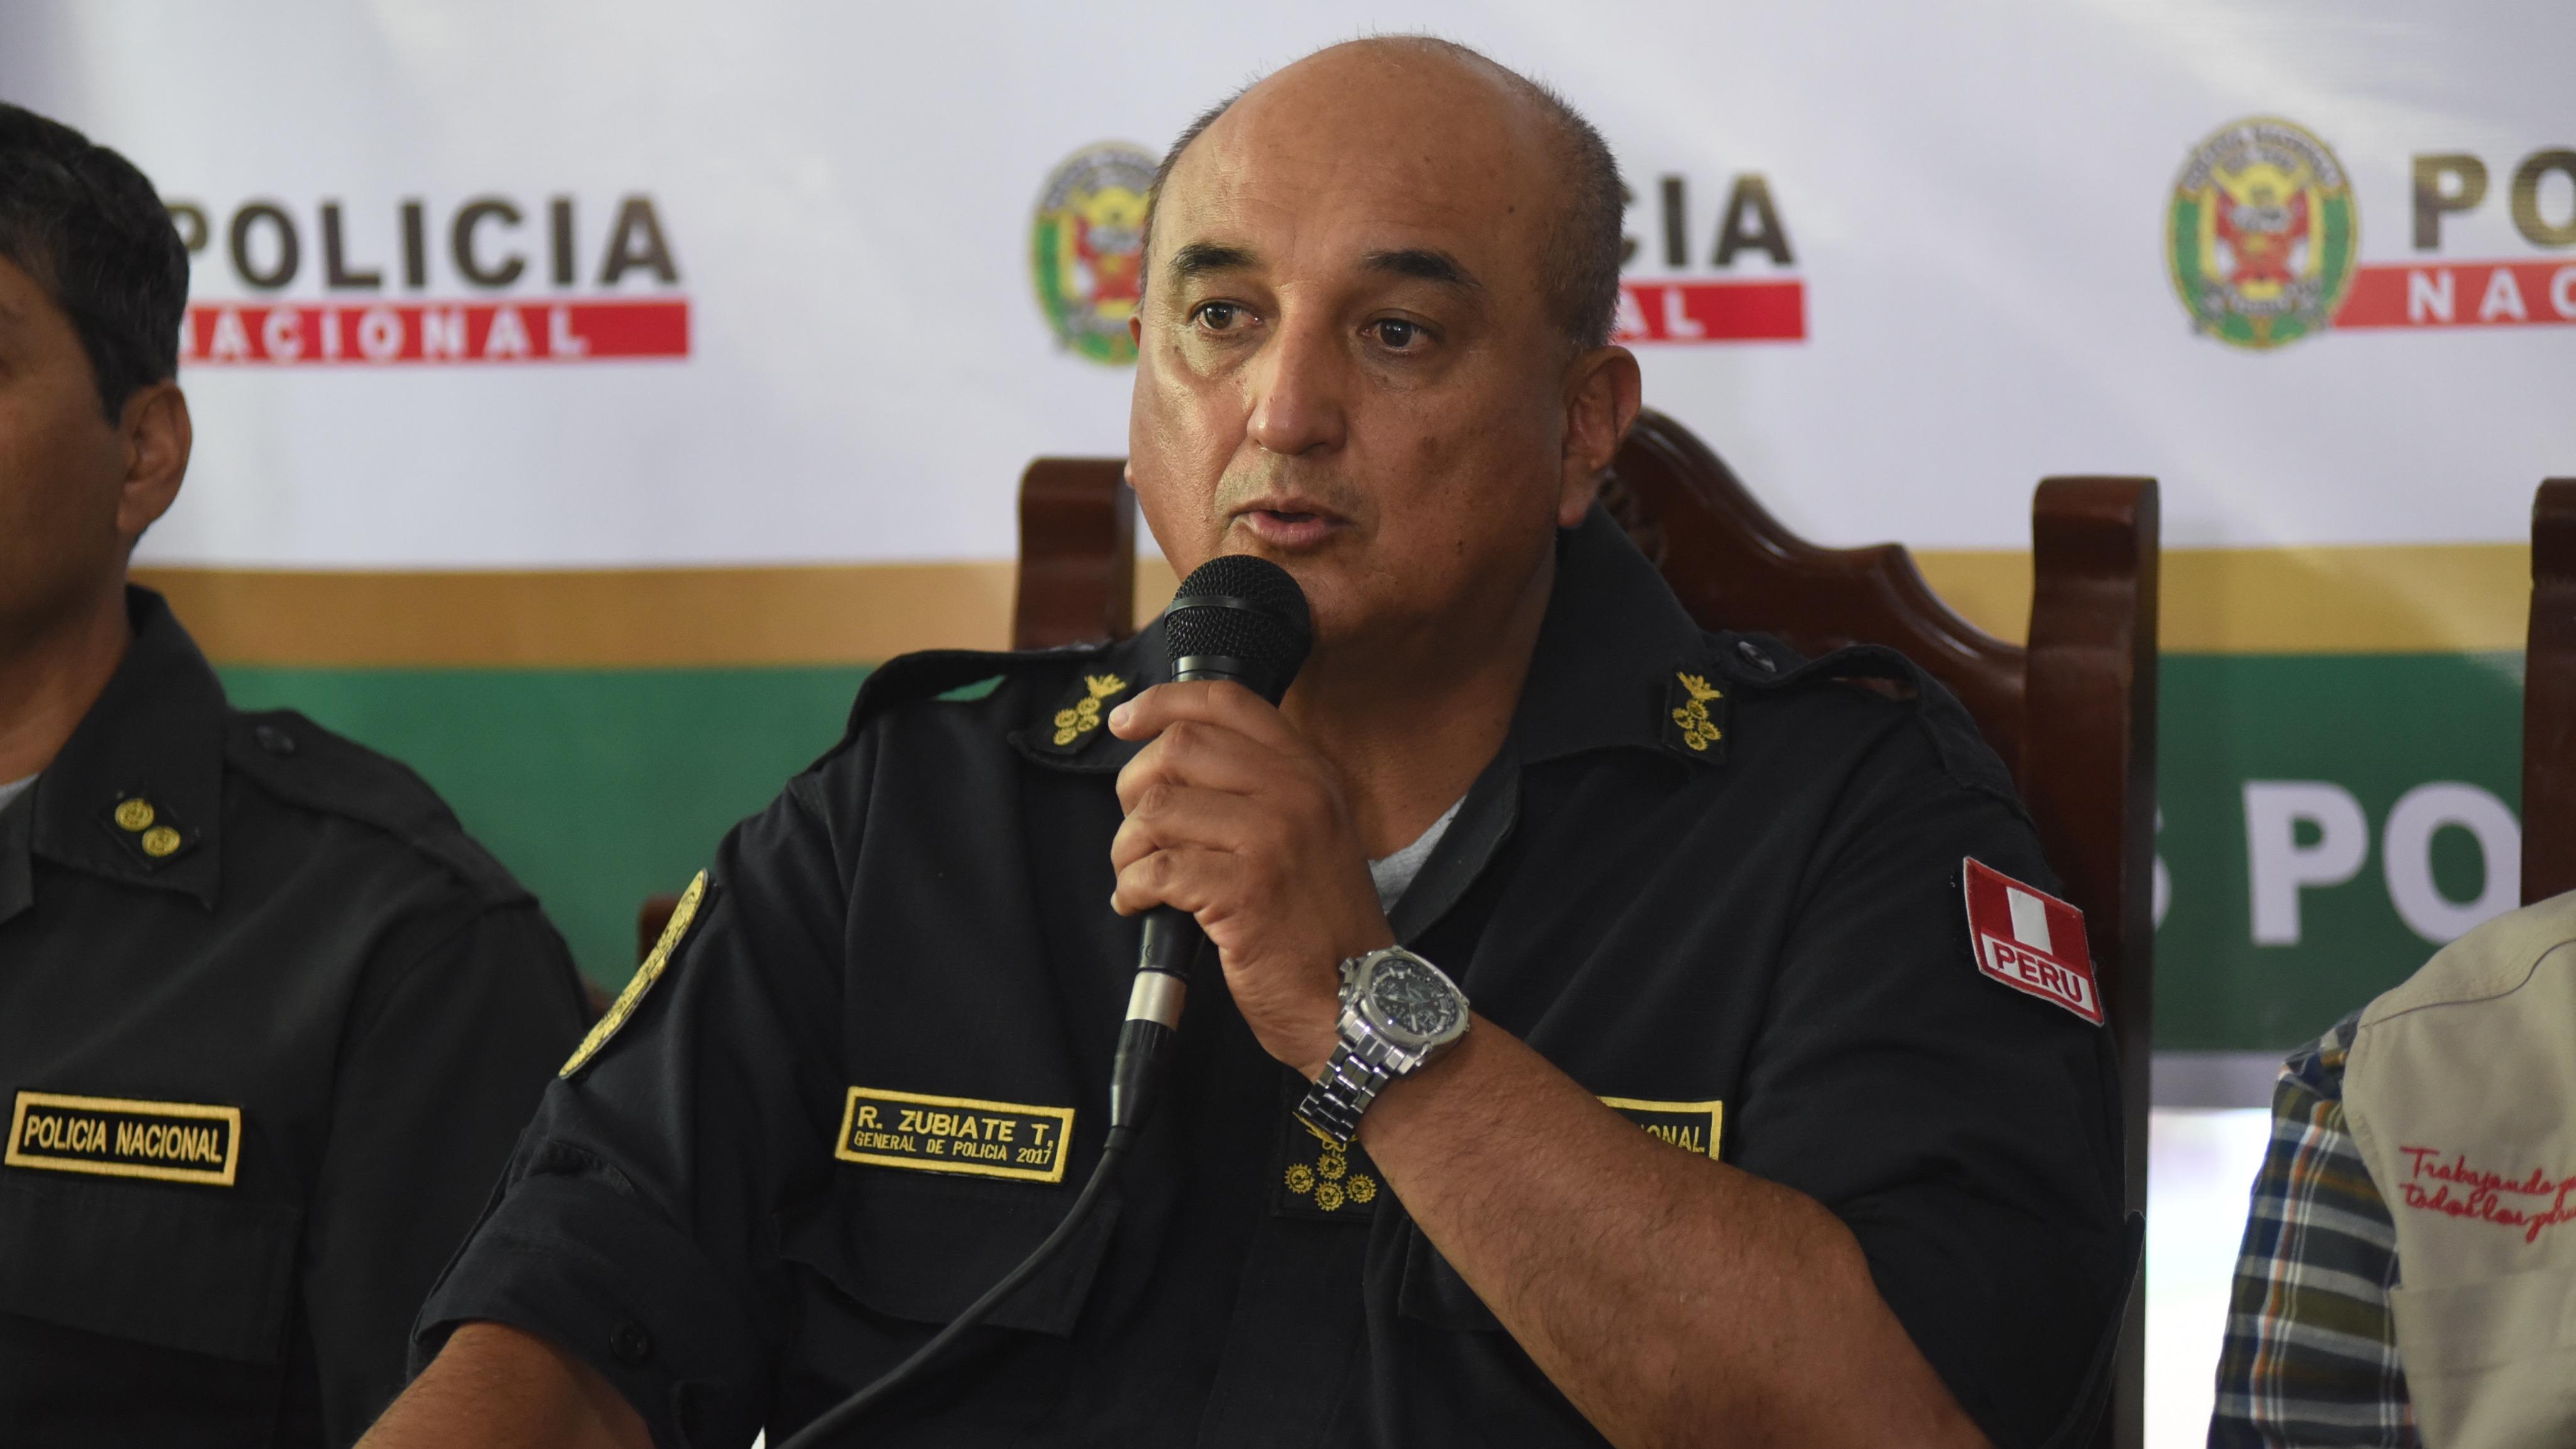 El director del colegio Pablo Machado fue incluido en la lista de los más buscados por la Policía.